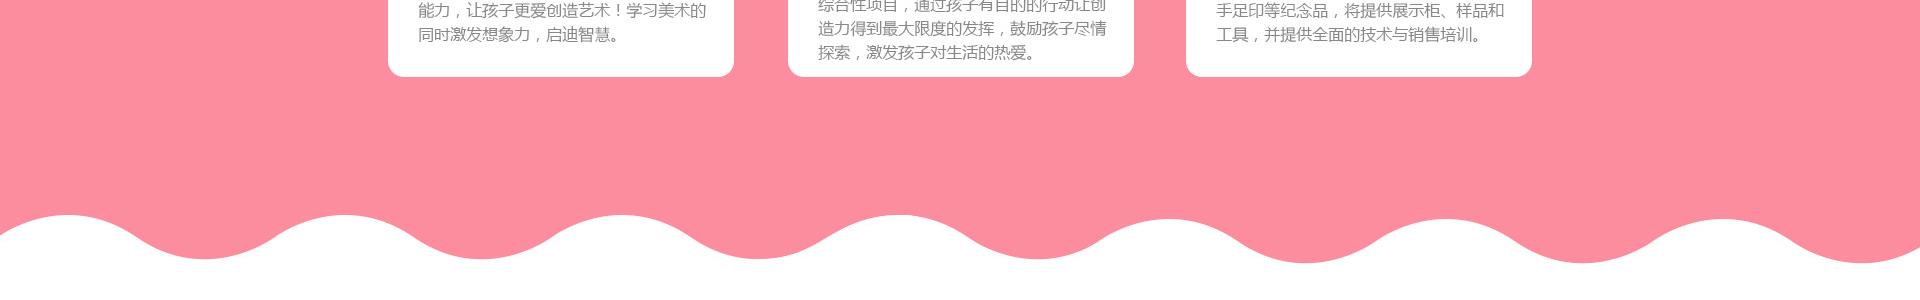 爱玩爱游亲子成长中心aiwanay_30